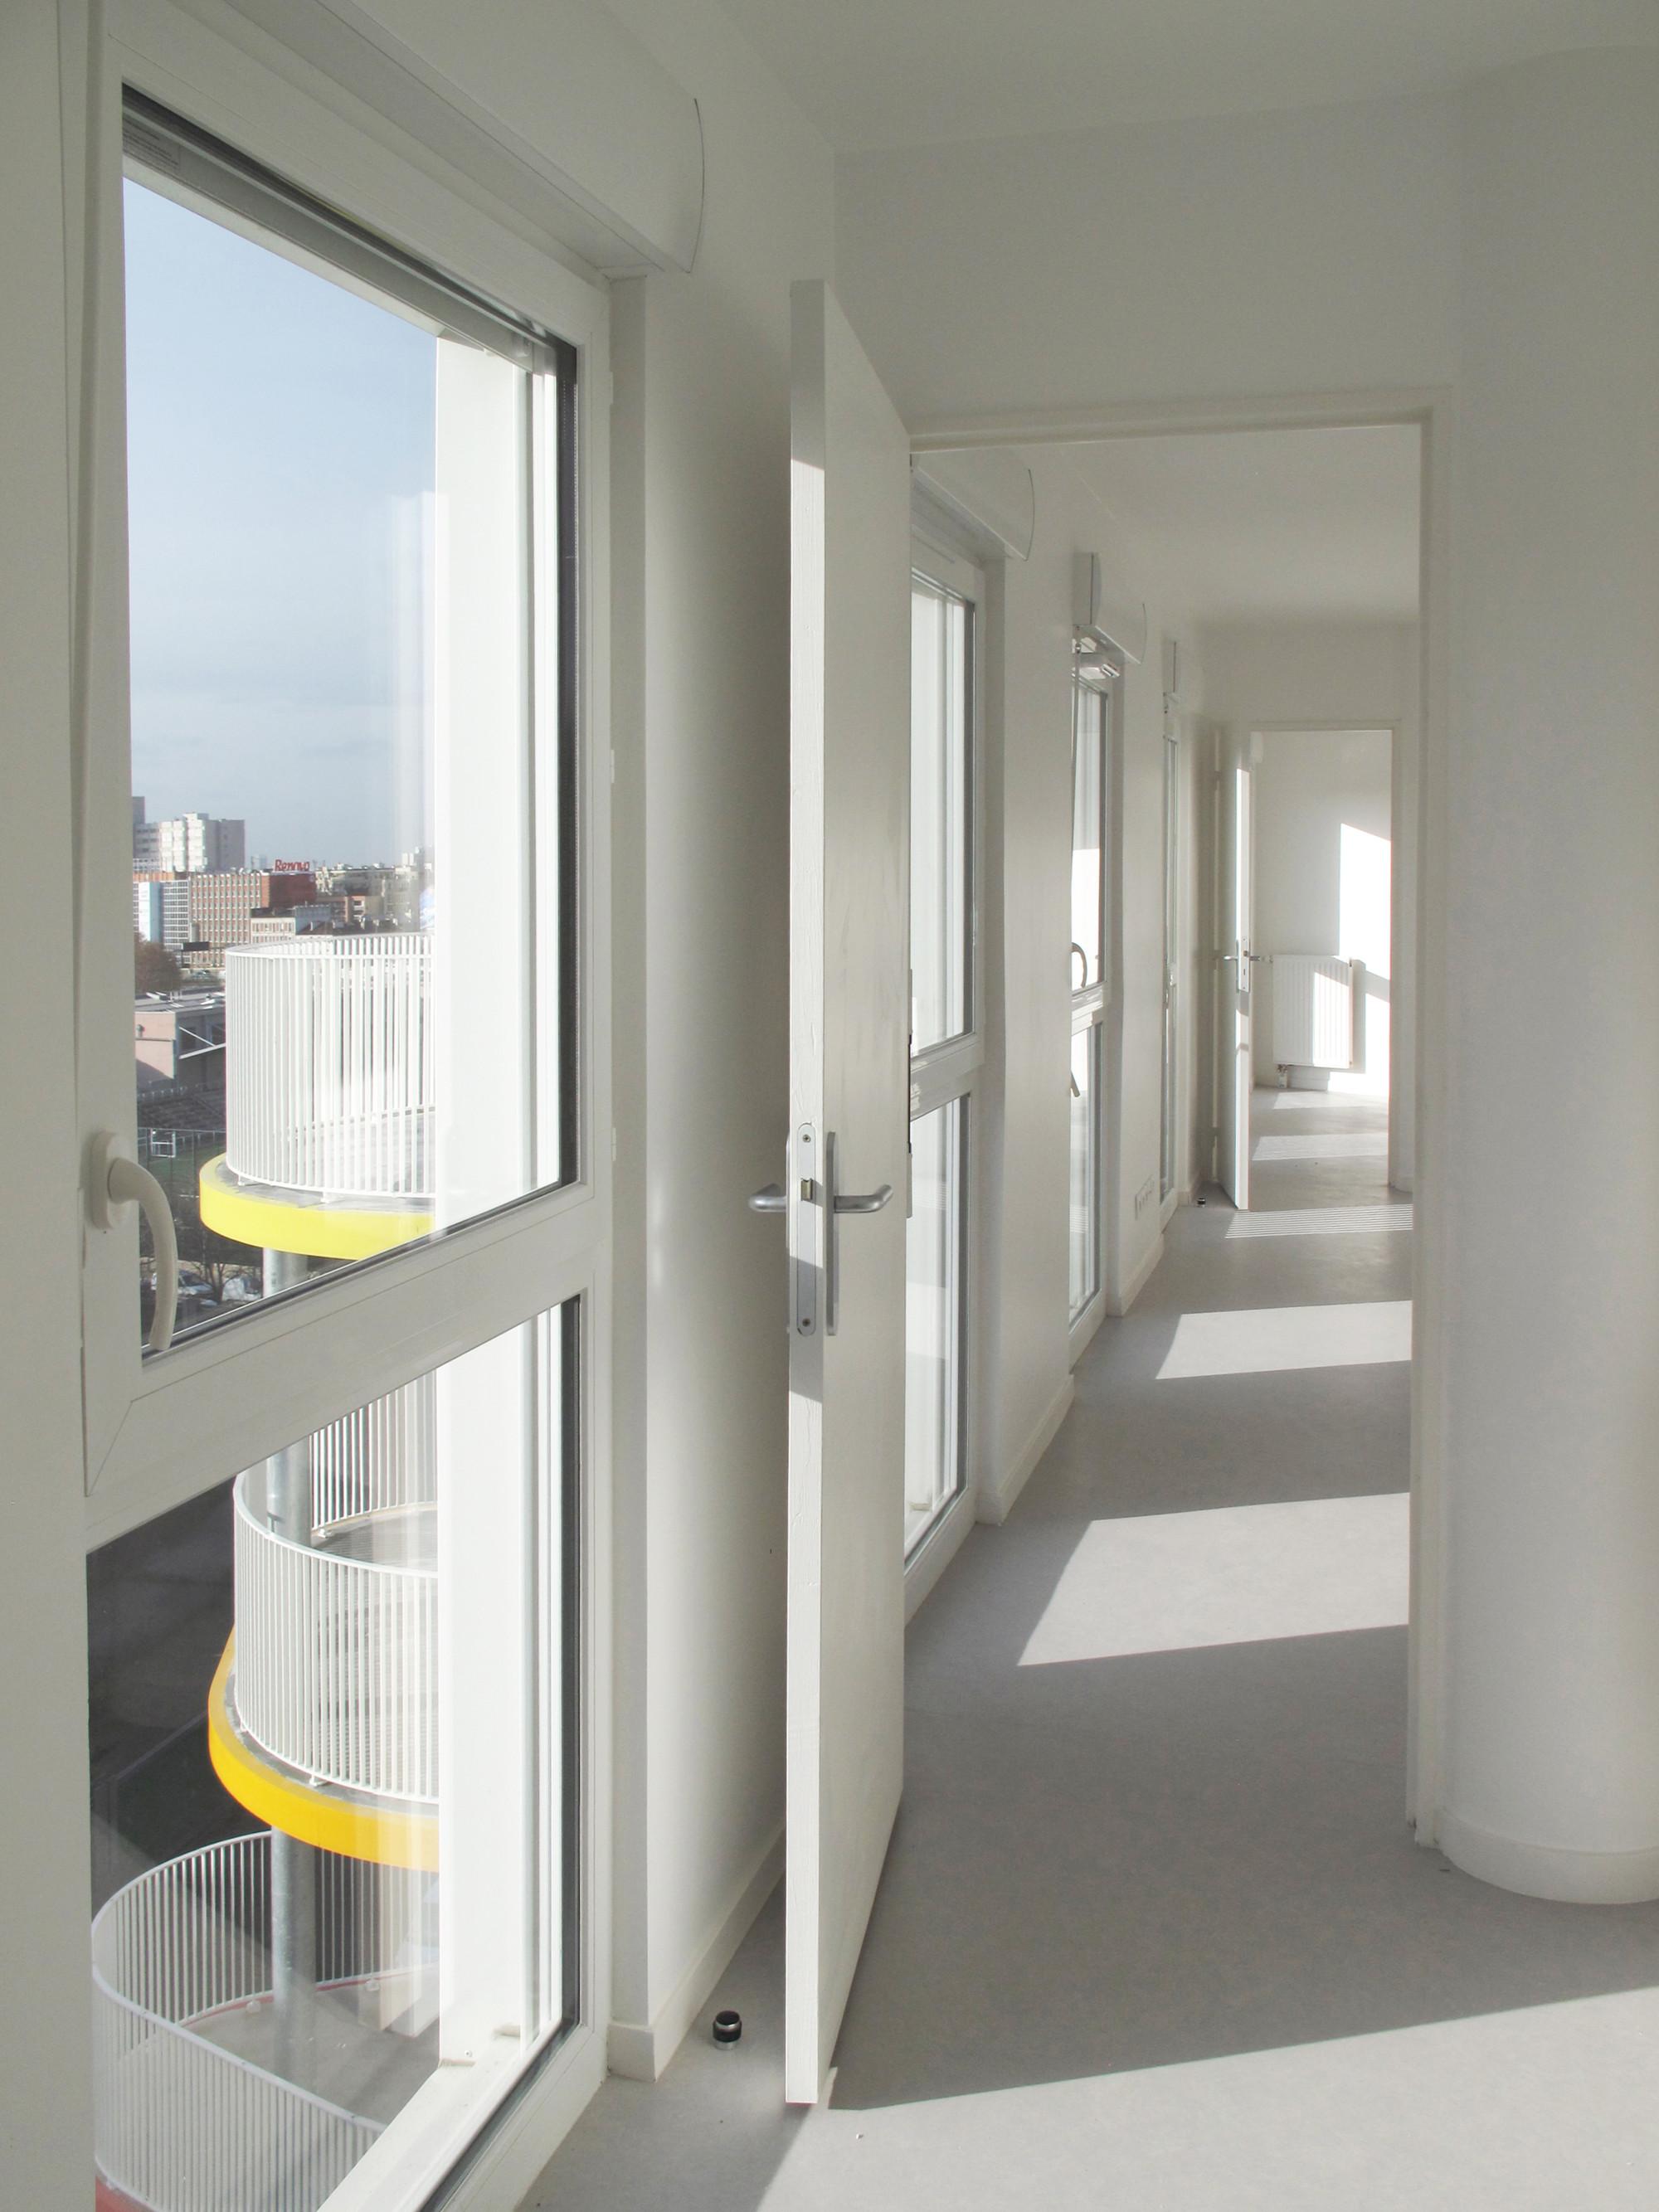 Rebière 21 housing / Hondelatte Laporte Architectes